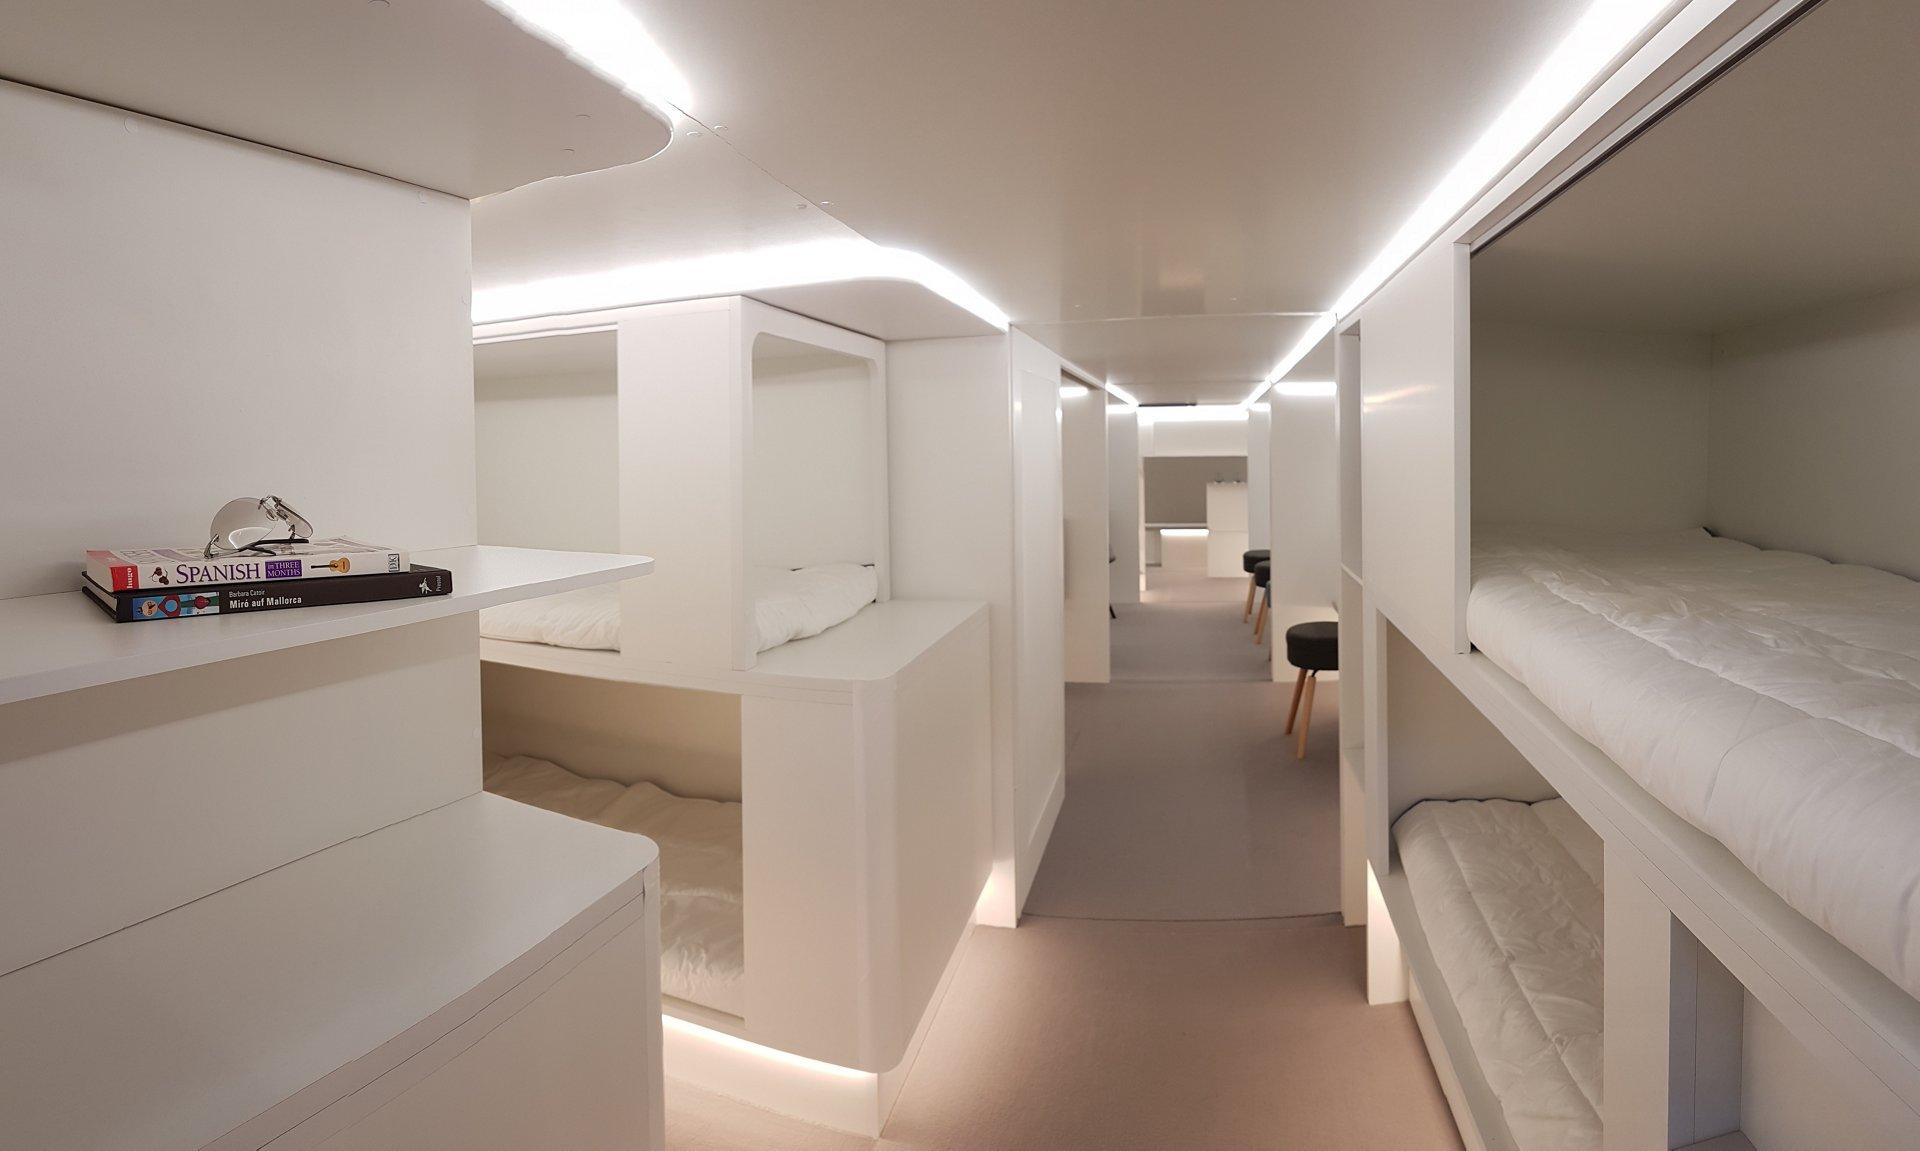 Así podremos dormir en una cama en los aviones a partir del año 2020